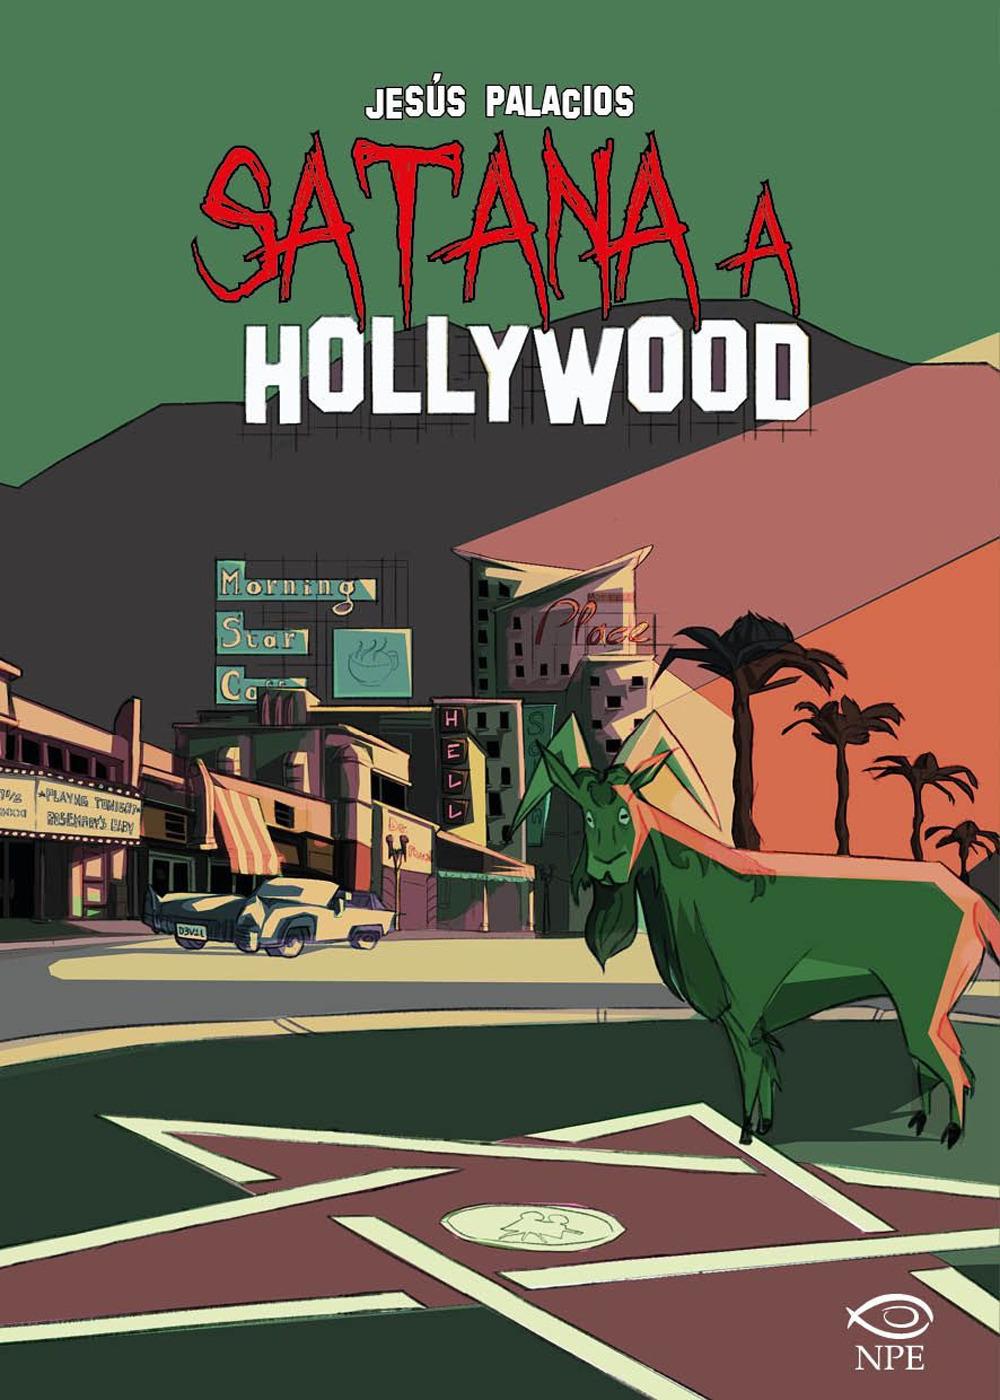 SATANA A HOLLYWOOD - Palacios Jesús - 9788836270156